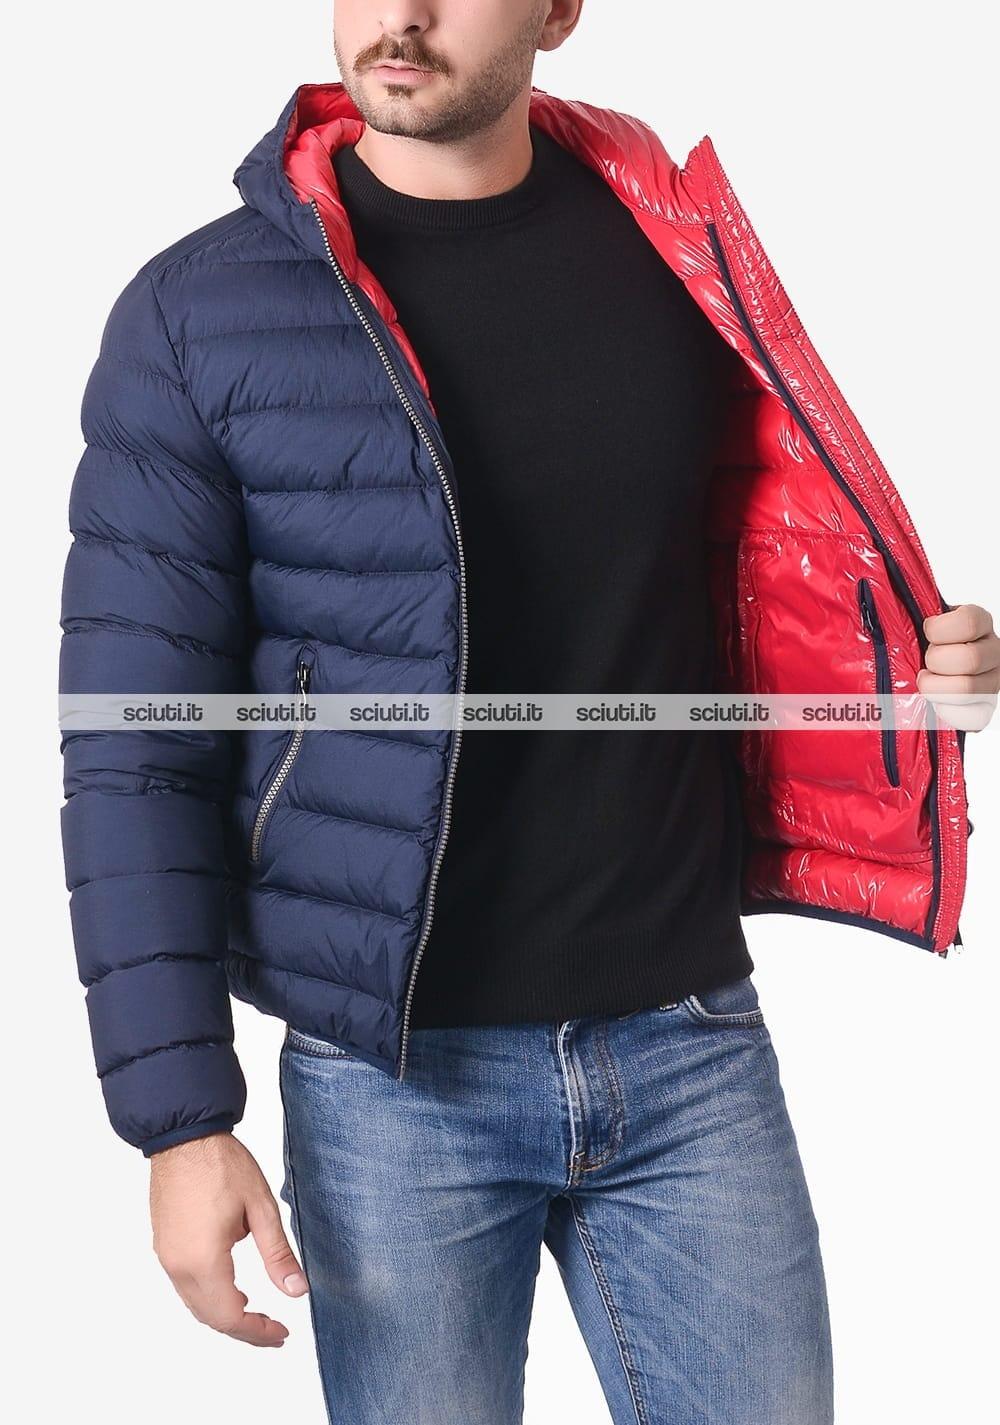 Piumino blauer uomo rosso lucido ad onde booth con cappuccio sciuti rosa giacche invernali